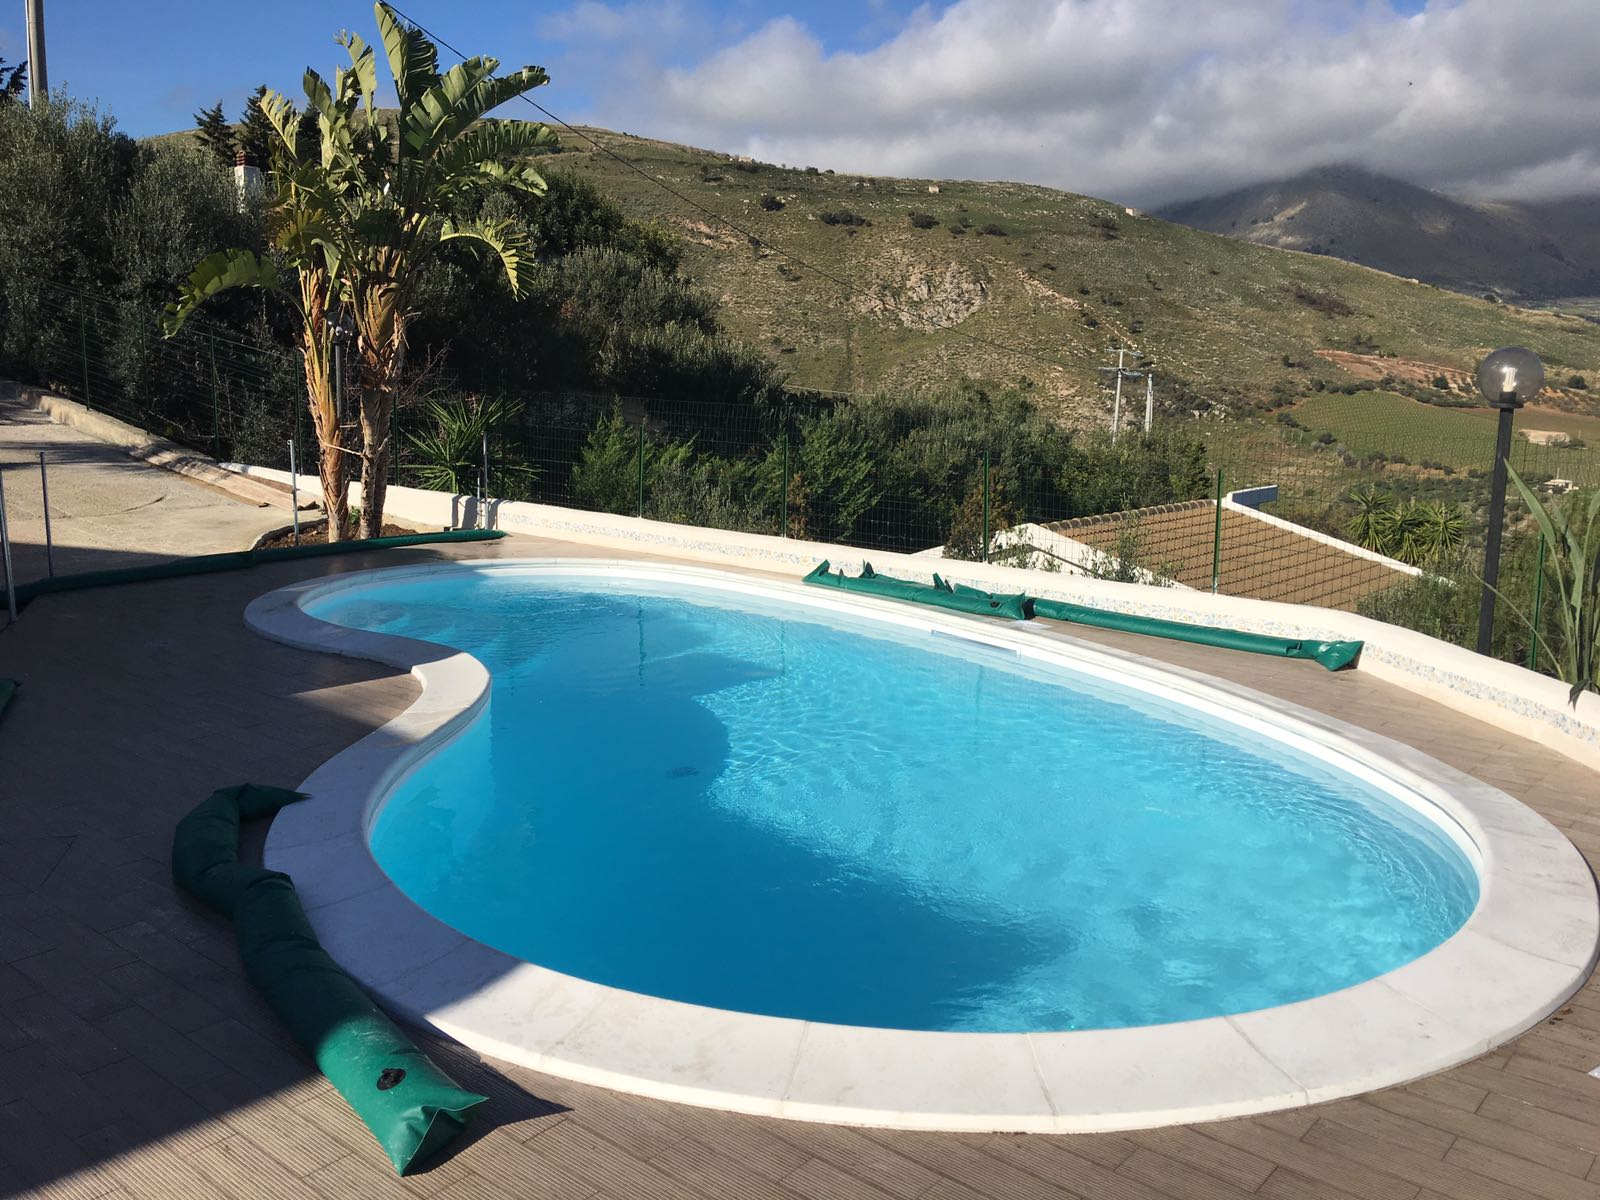 piscina a fagiolo 8x4 piscine foto lavori realizzati